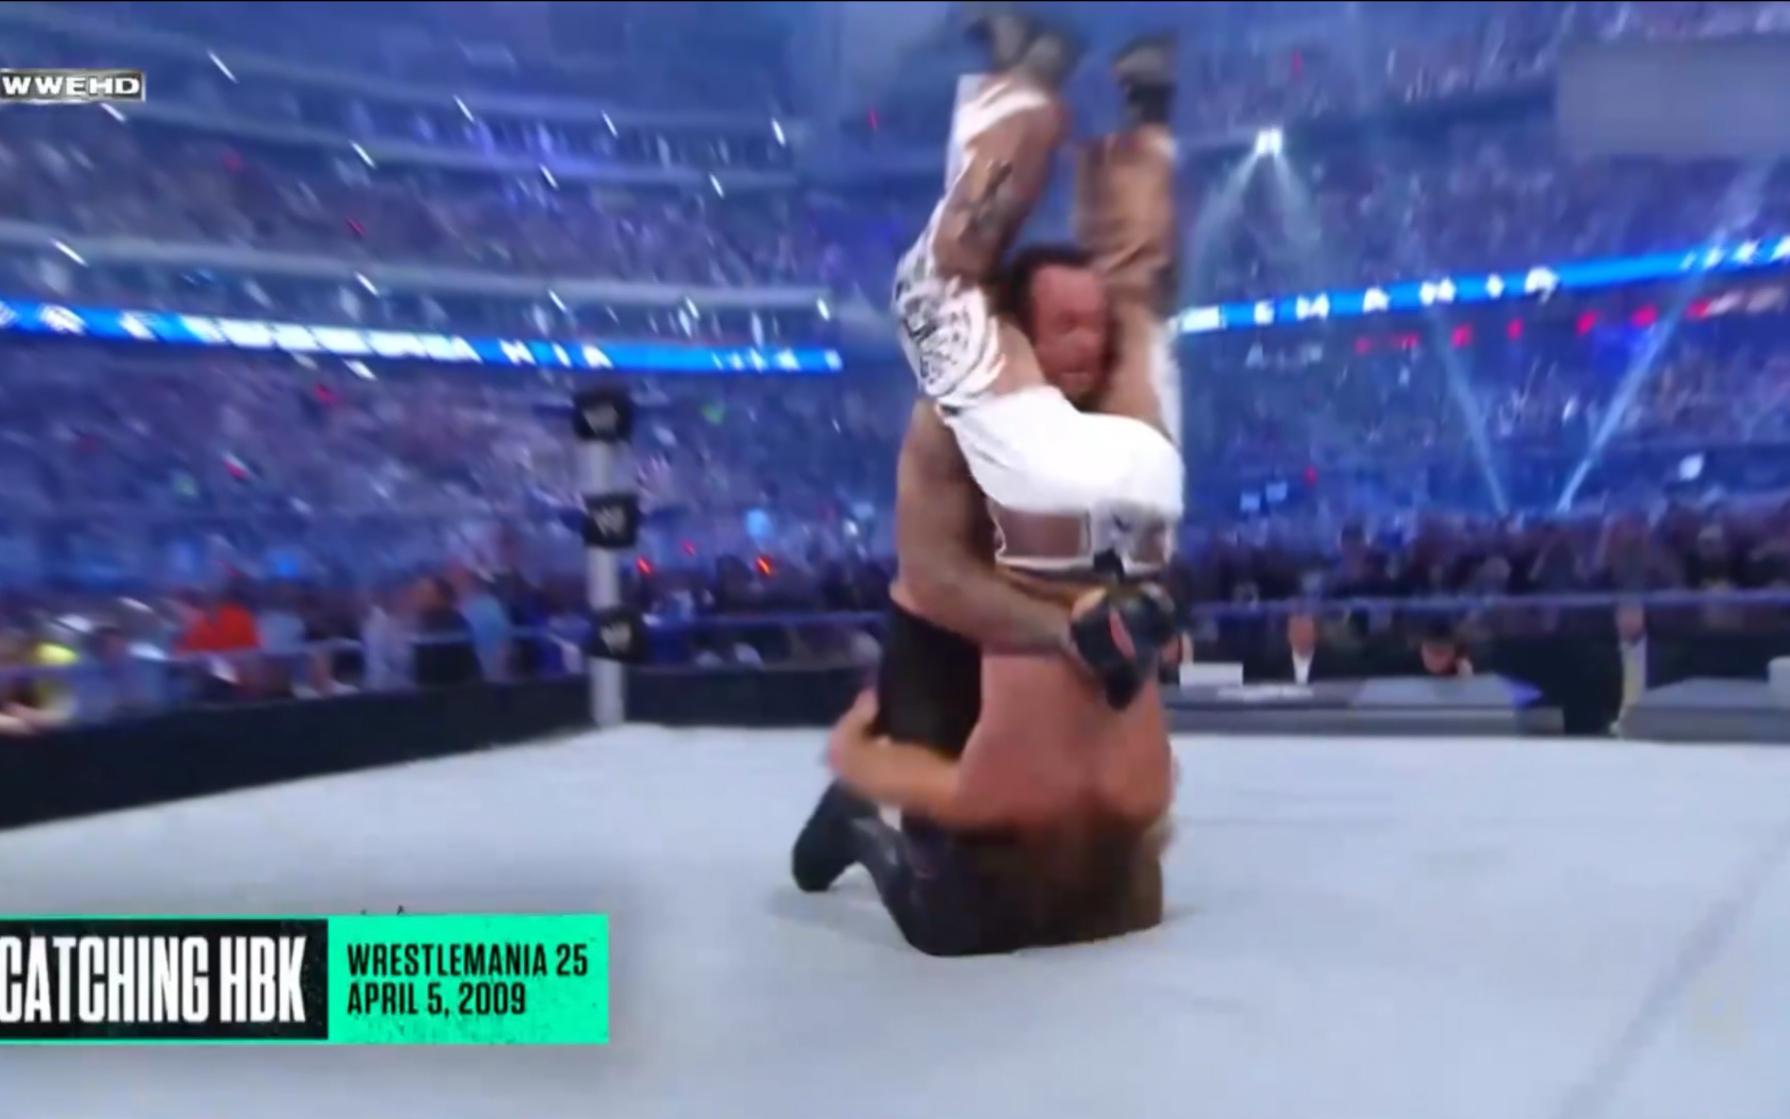 【1080p60】WWE送葬者经典墓碑钉头名场面